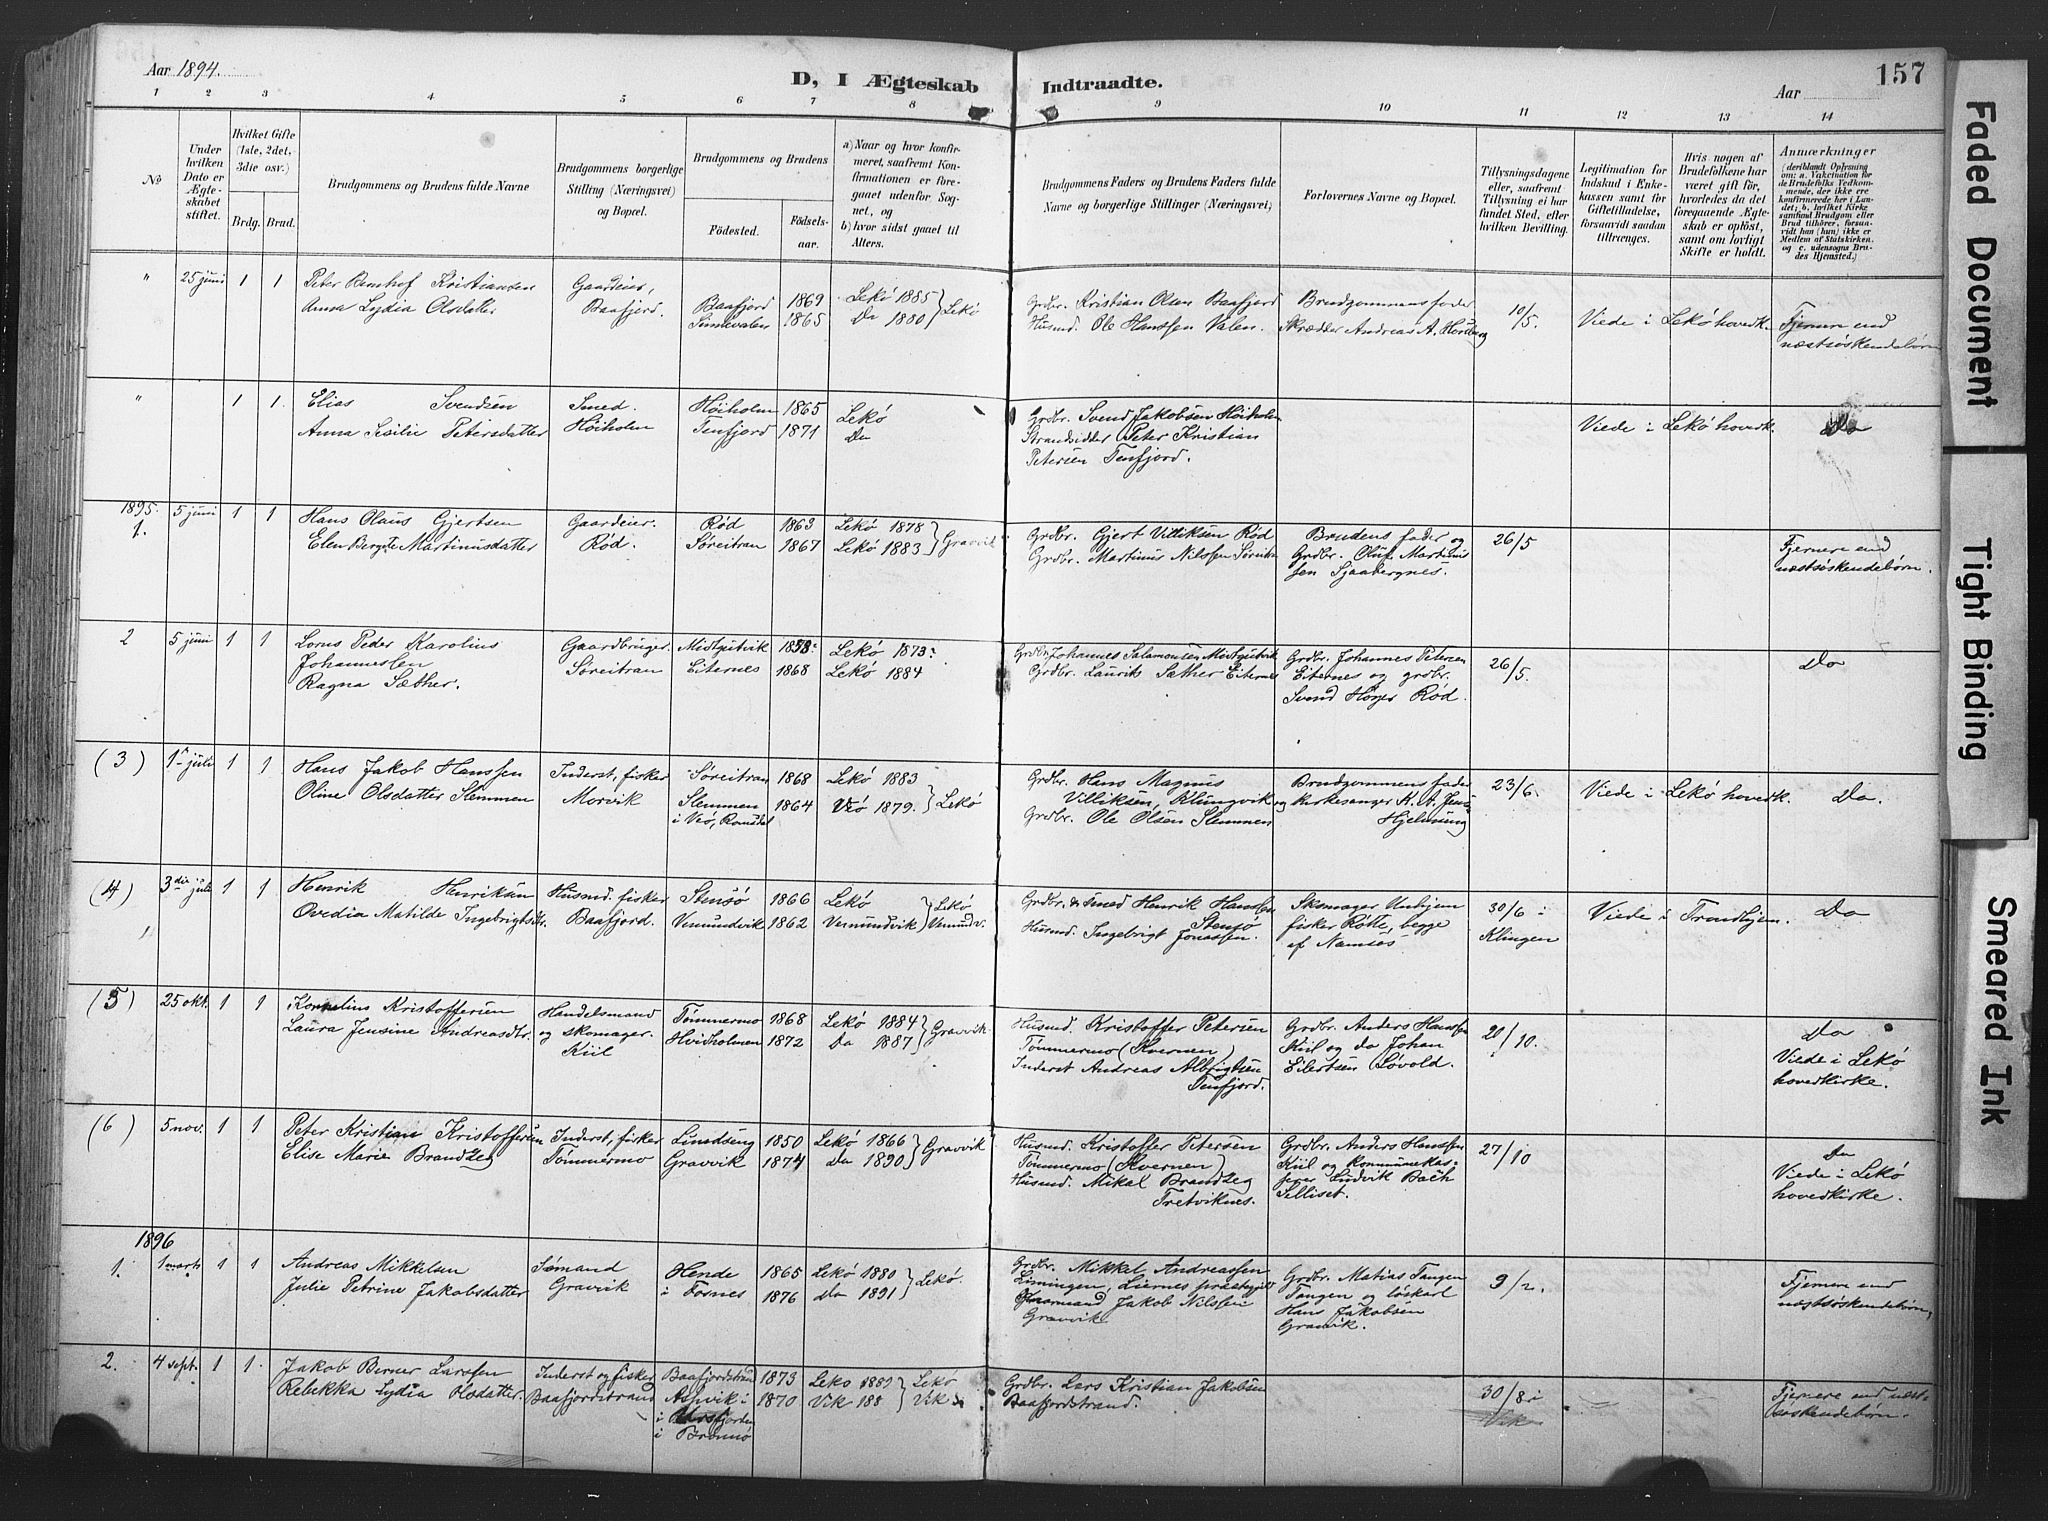 SAT, Ministerialprotokoller, klokkerbøker og fødselsregistre - Nord-Trøndelag, 789/L0706: Klokkerbok nr. 789C01, 1888-1931, s. 157